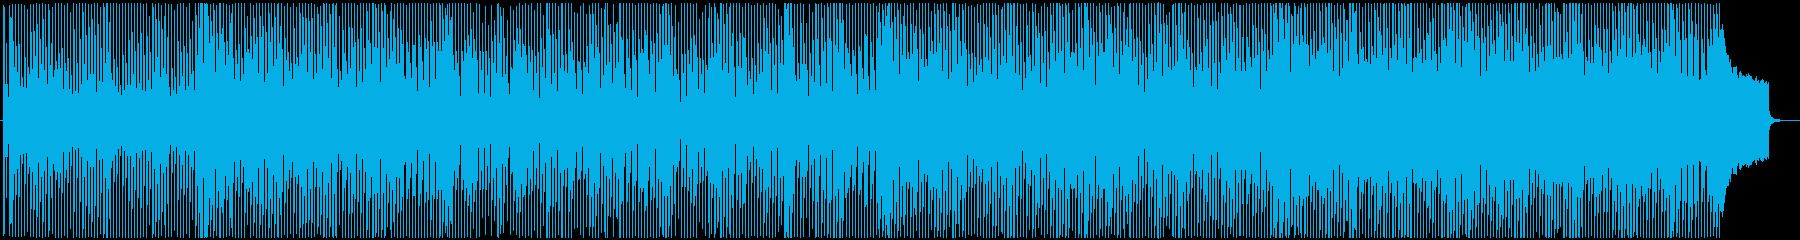 アニメチック可愛らしい前向きなポップスの再生済みの波形